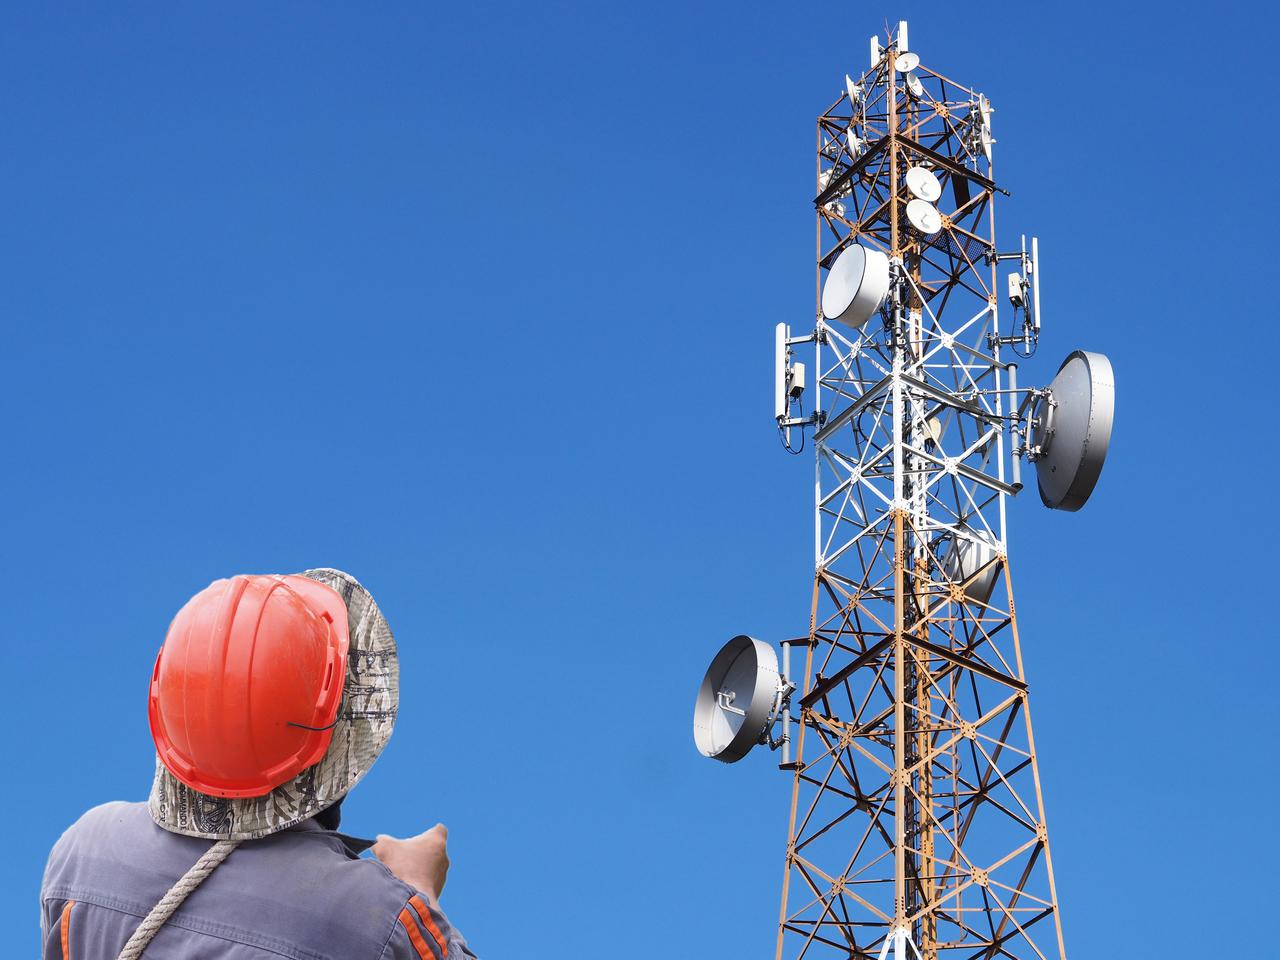 A tecnologia 5G vai revolucionar as telecomunicações e abrir caminho para a internet das coisas (Freepix)